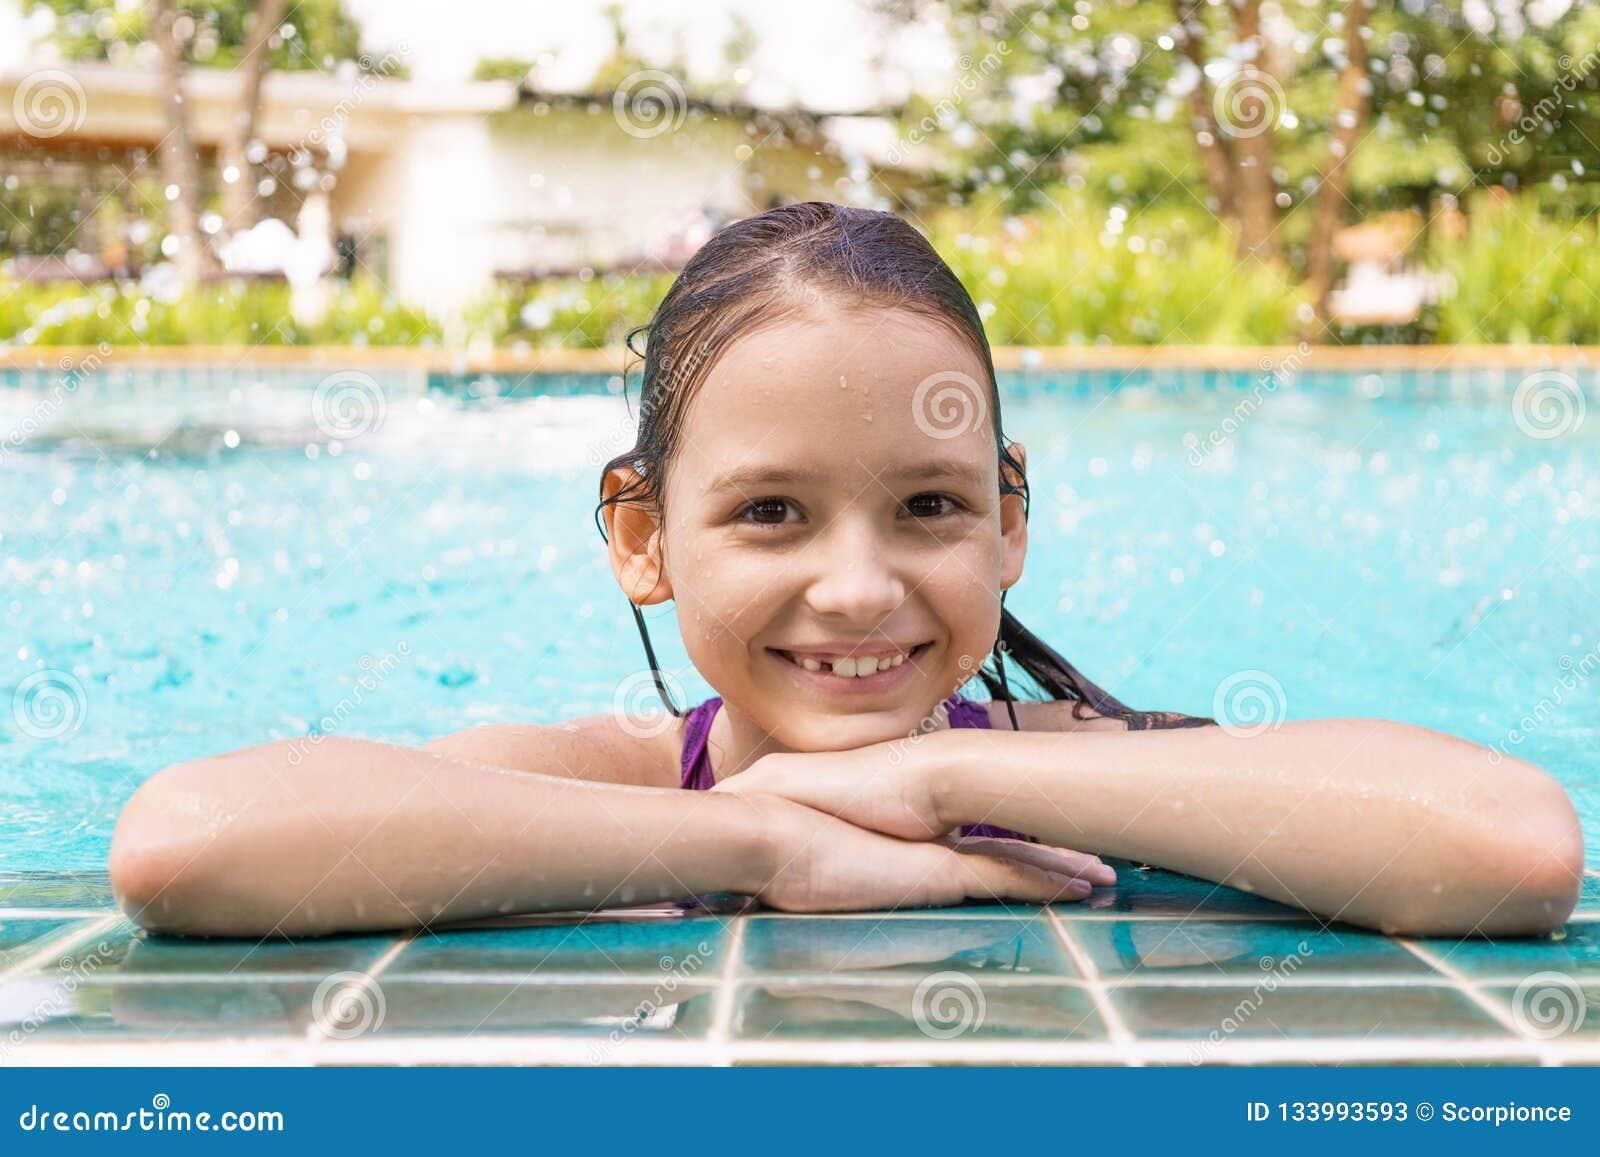 Menina preteen de sorriso bonito na borda da piscina Curso, férias